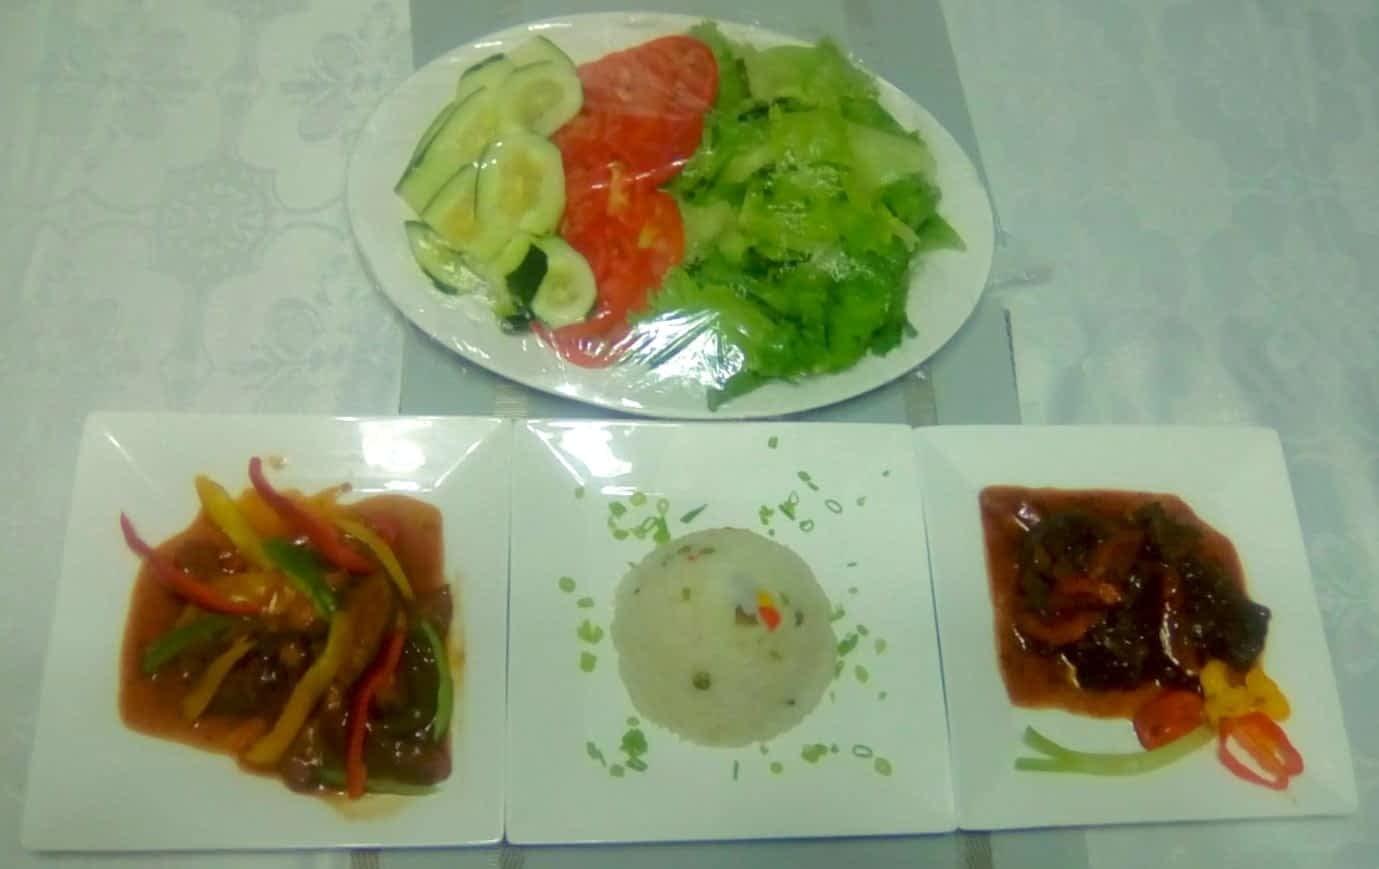 Dining at Jamaica villa